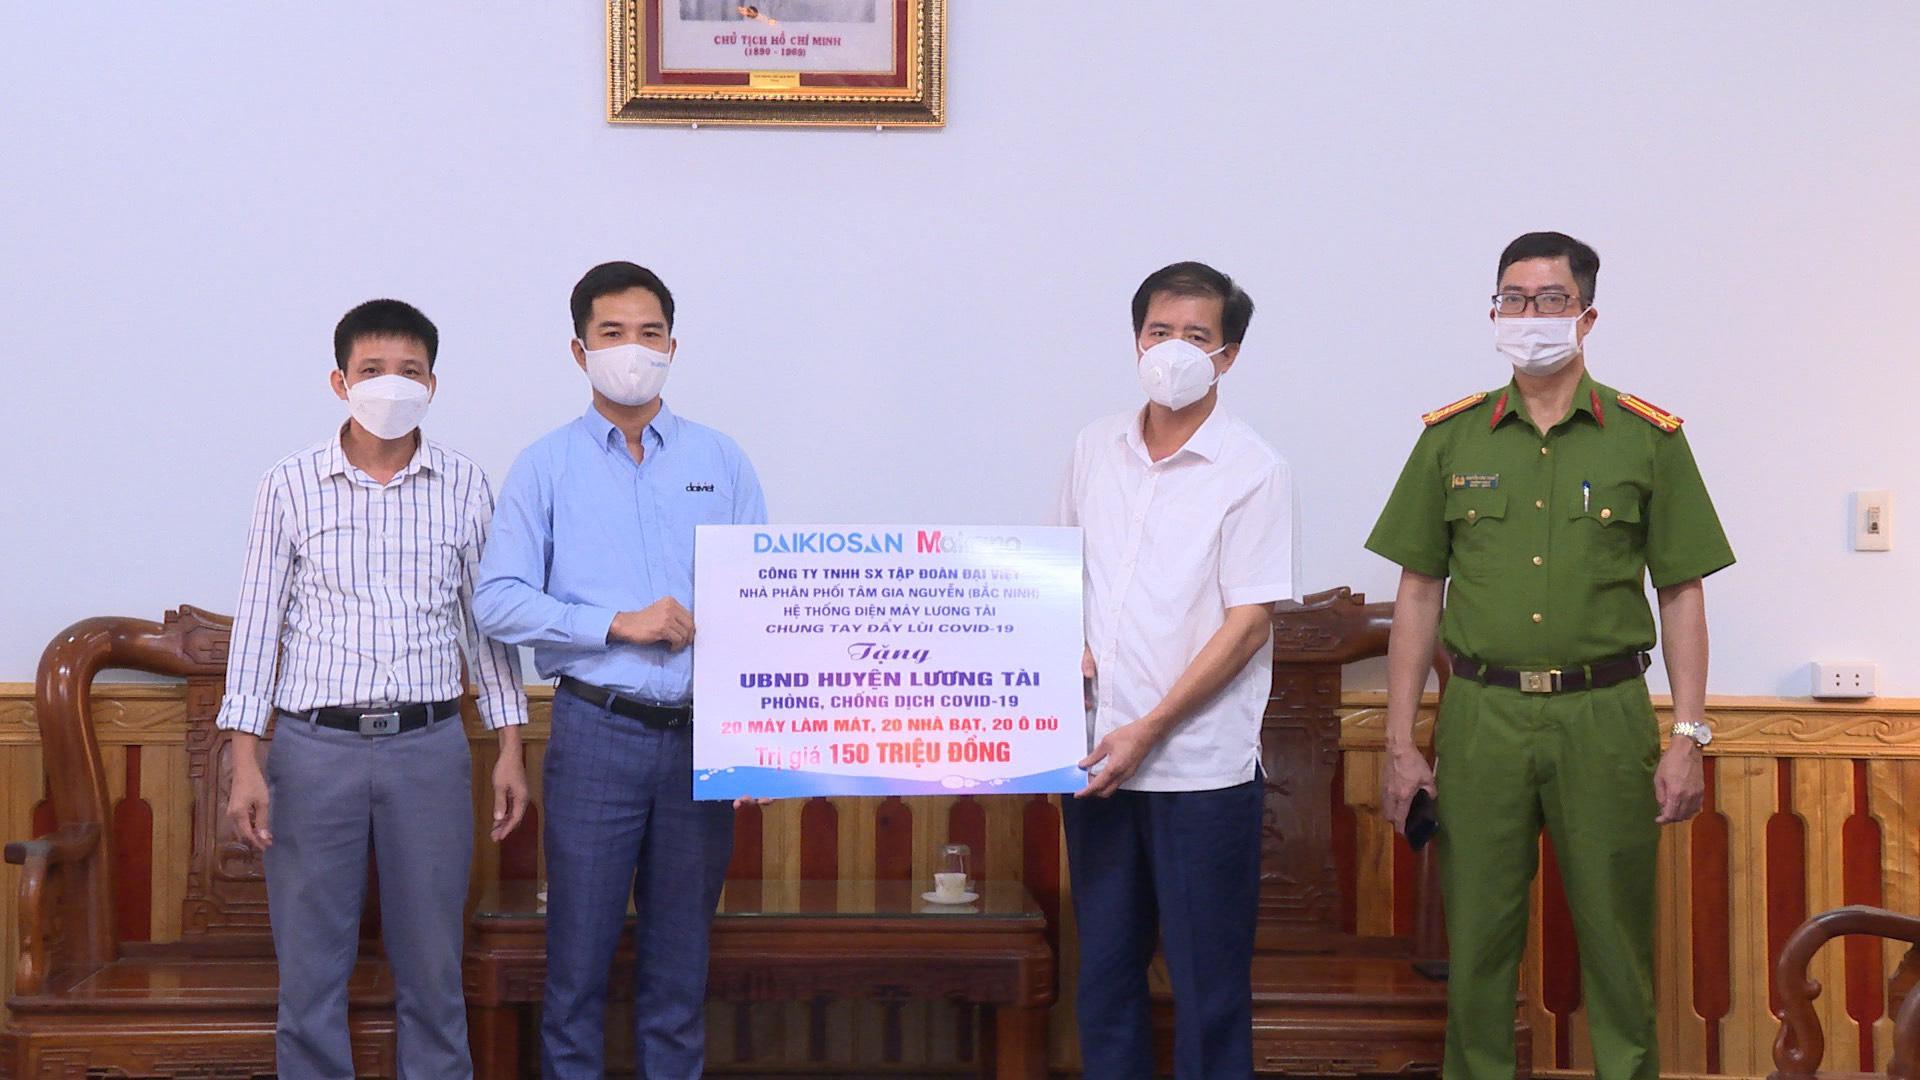 Đại diện Đại Việt trao tặng quà hỗ trợ huyện Lương Tài